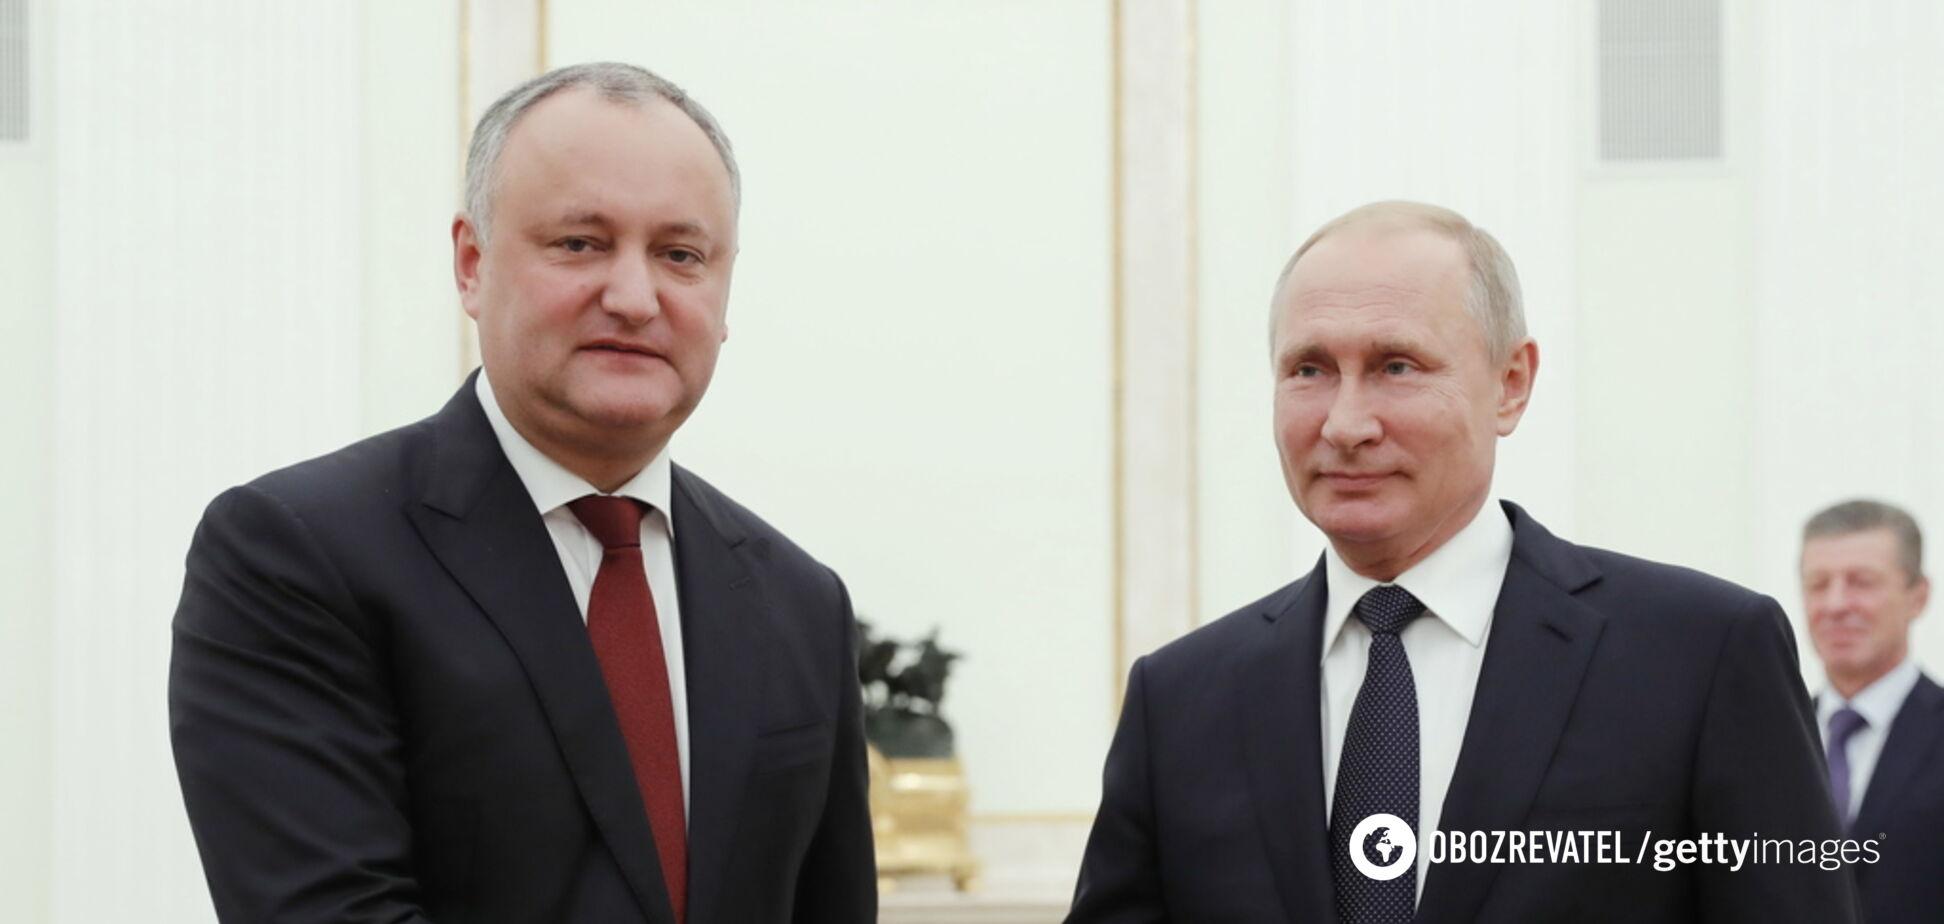 'Это бомба': близкий соратник Путина неожиданно устроил подлость России